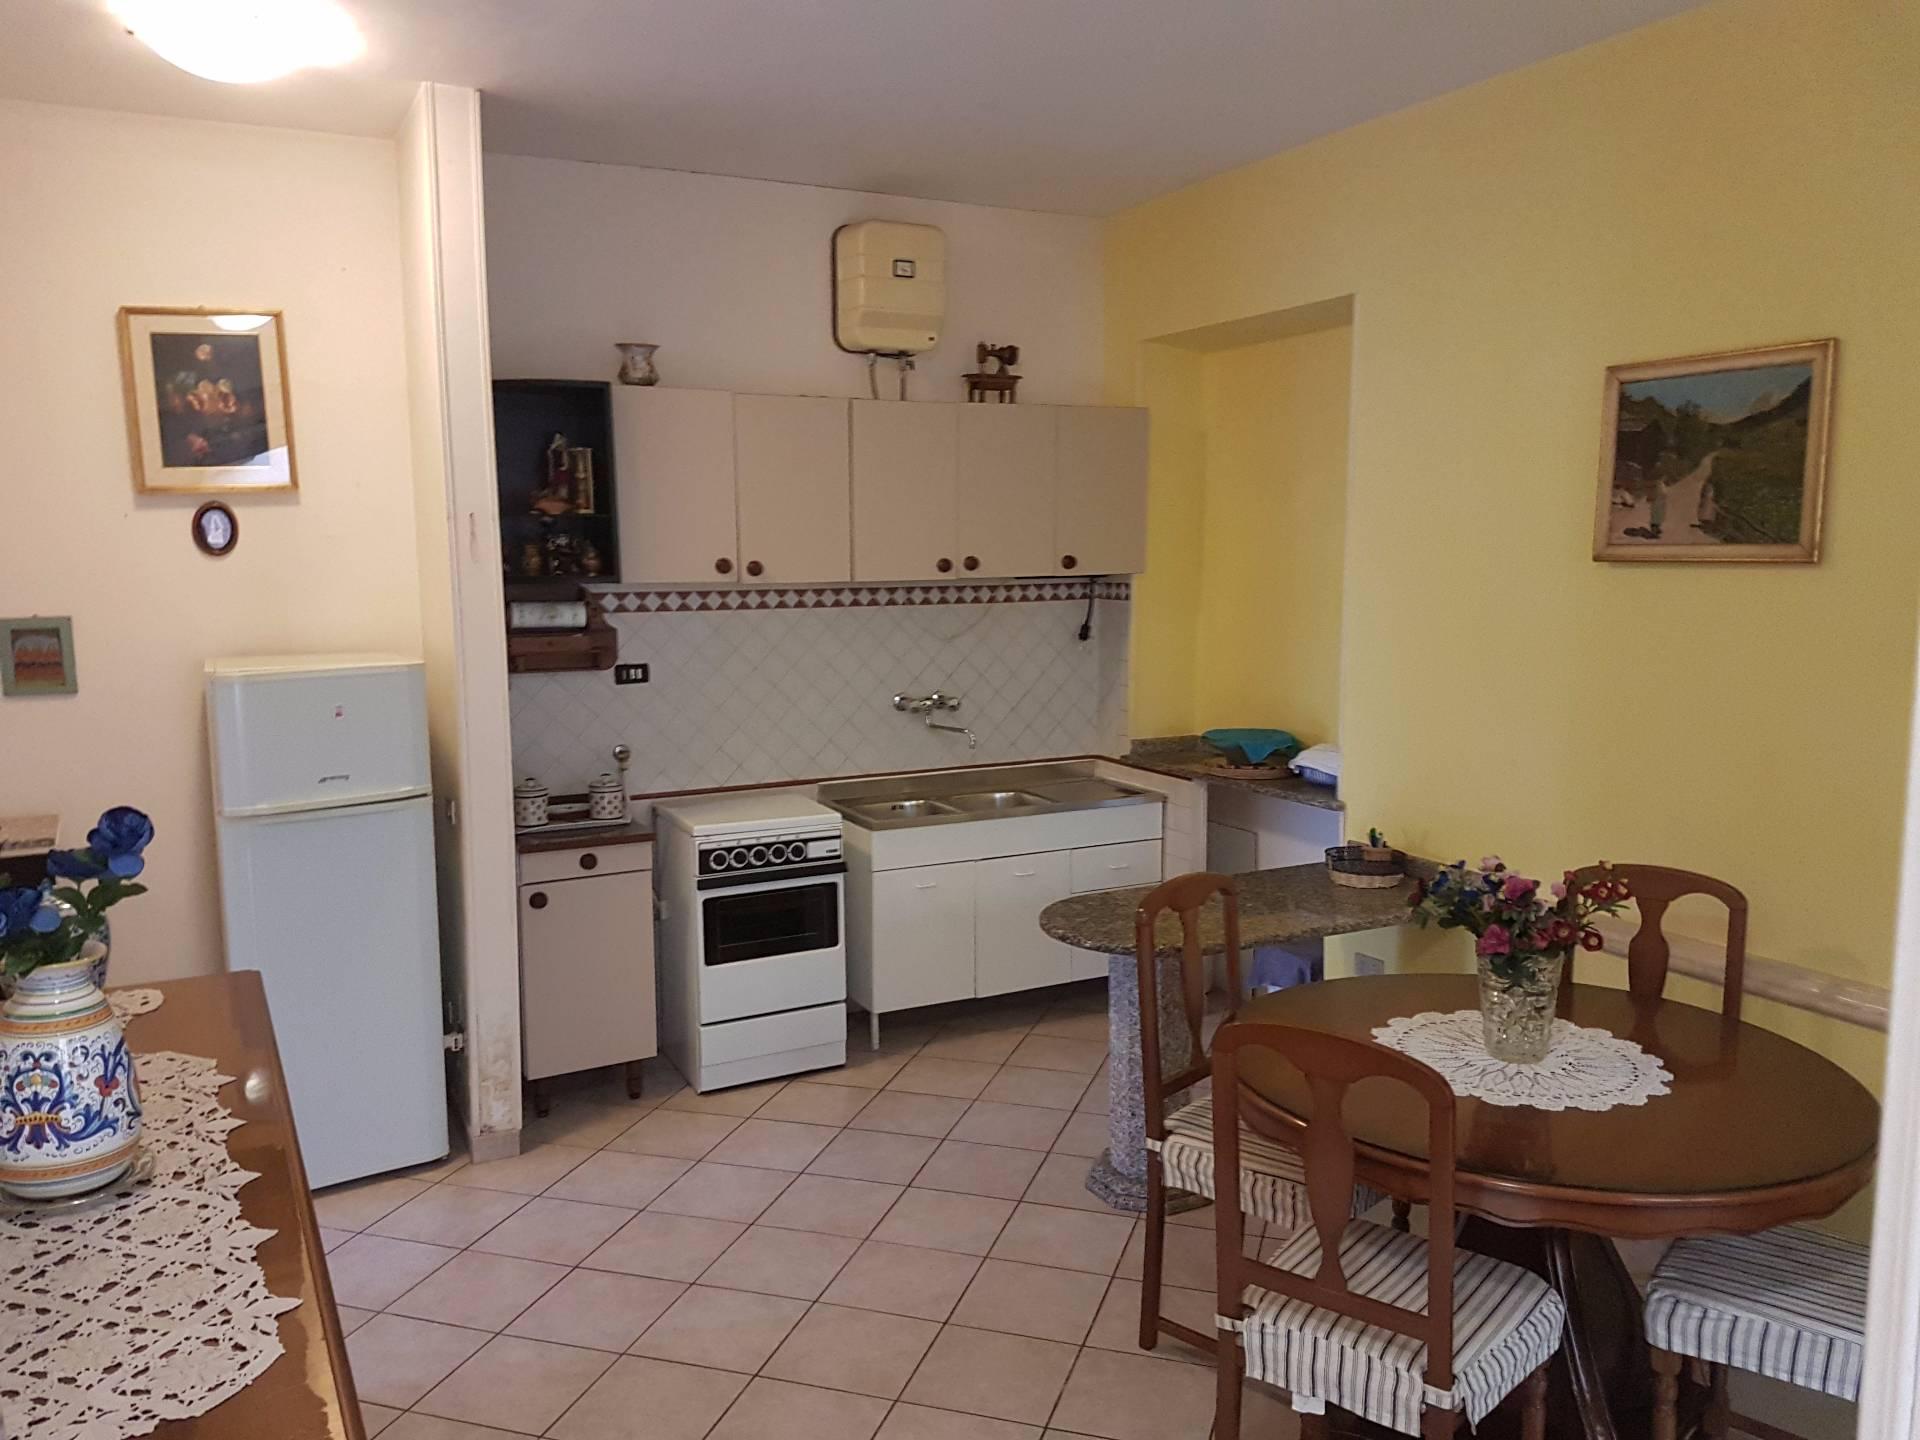 Appartamento in vendita a Vicovaro, 3 locali, prezzo € 65.000 | CambioCasa.it